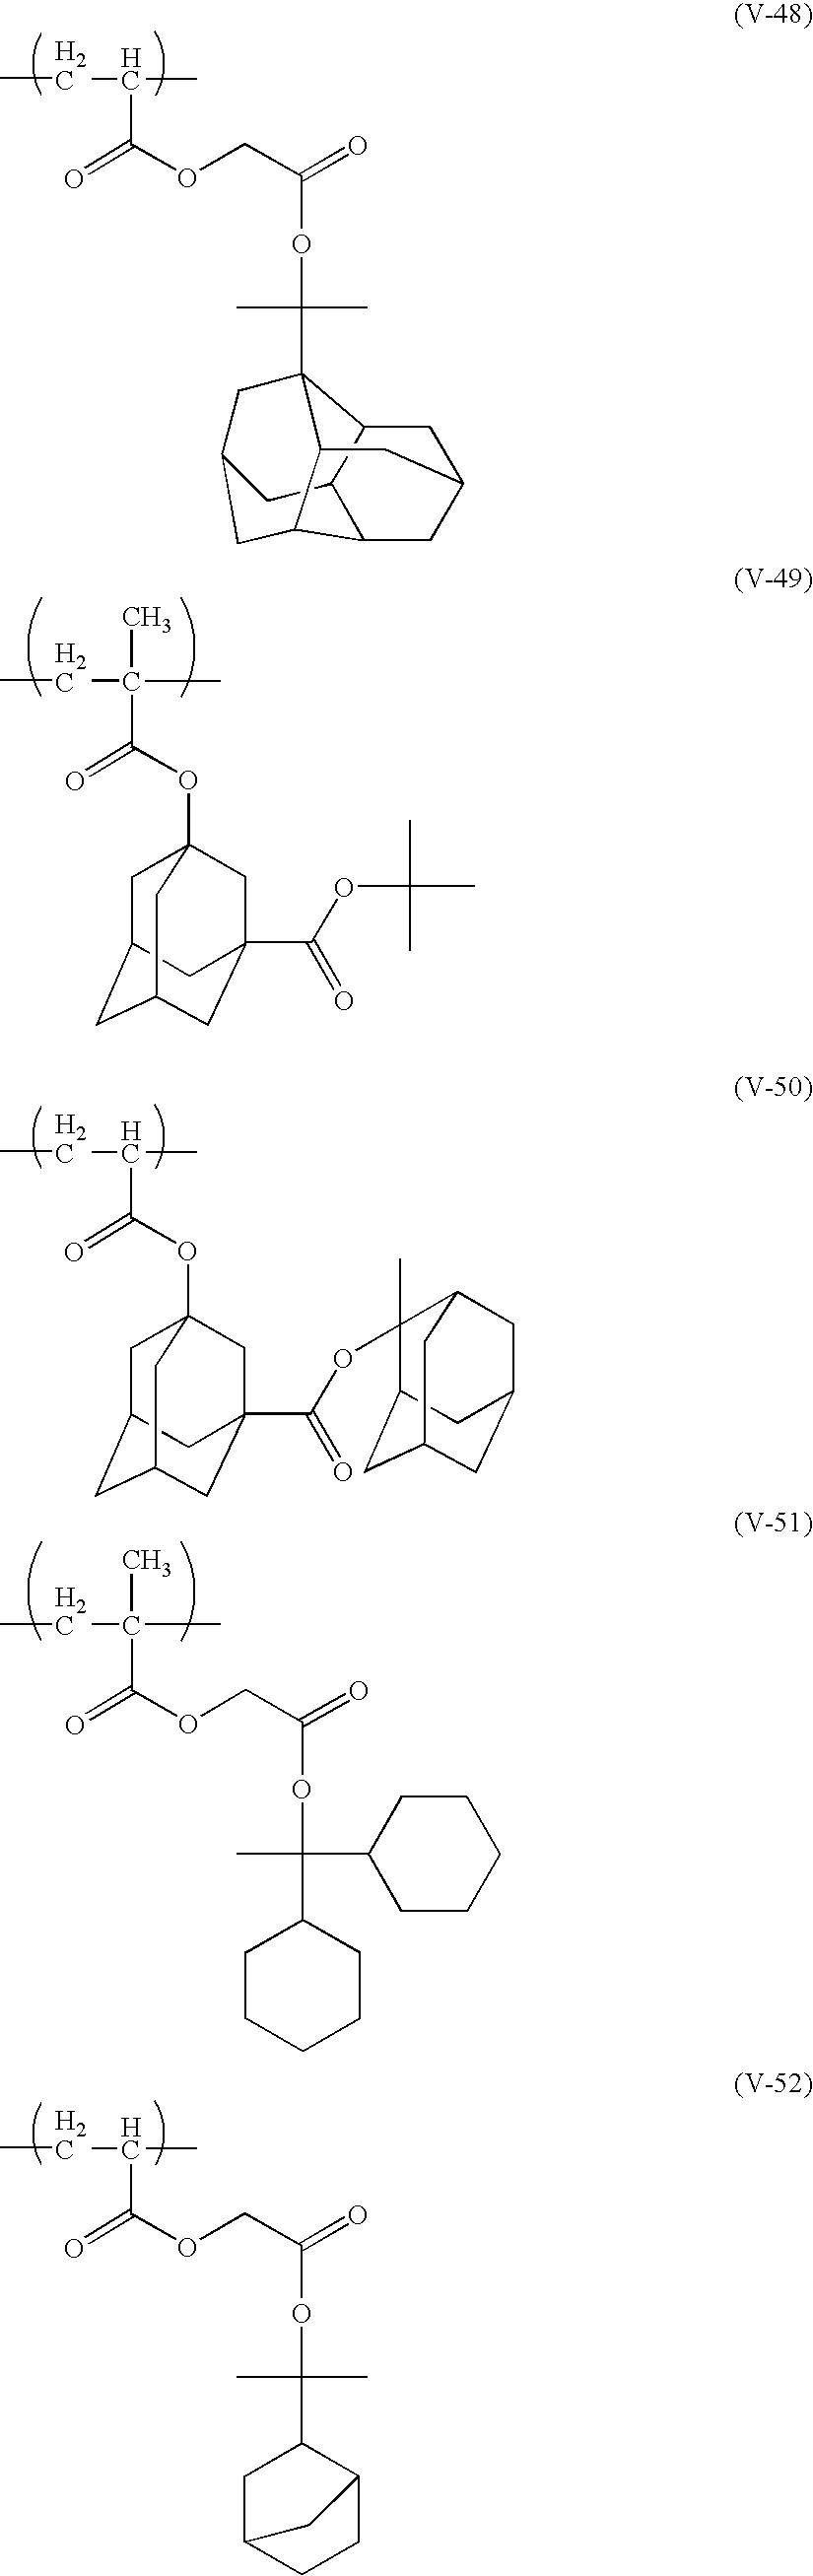 Figure US20100183975A1-20100722-C00116